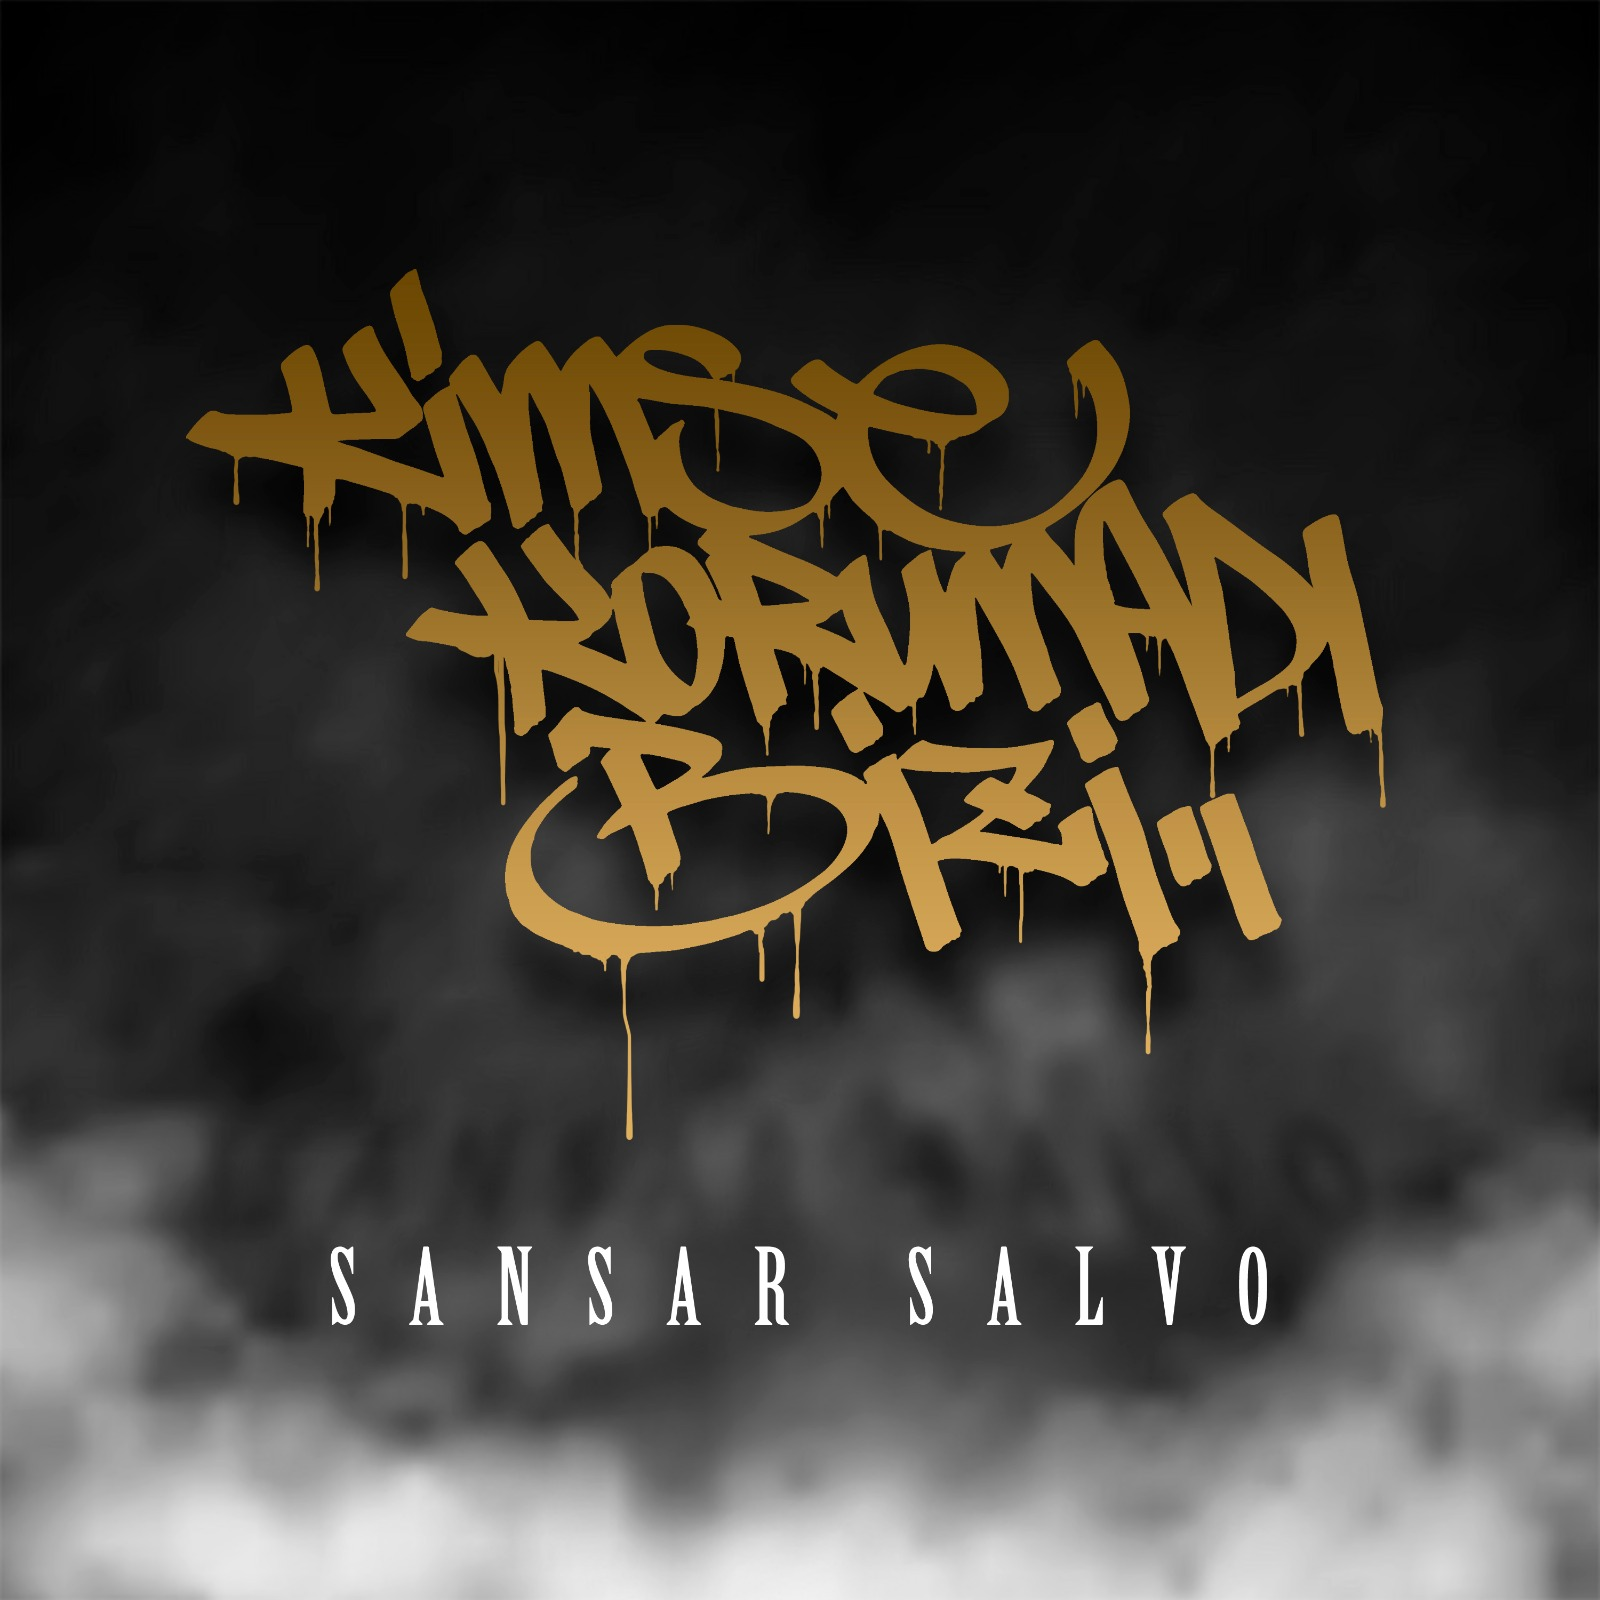 Sansar Salvo - Kimse Korumadı Bizi